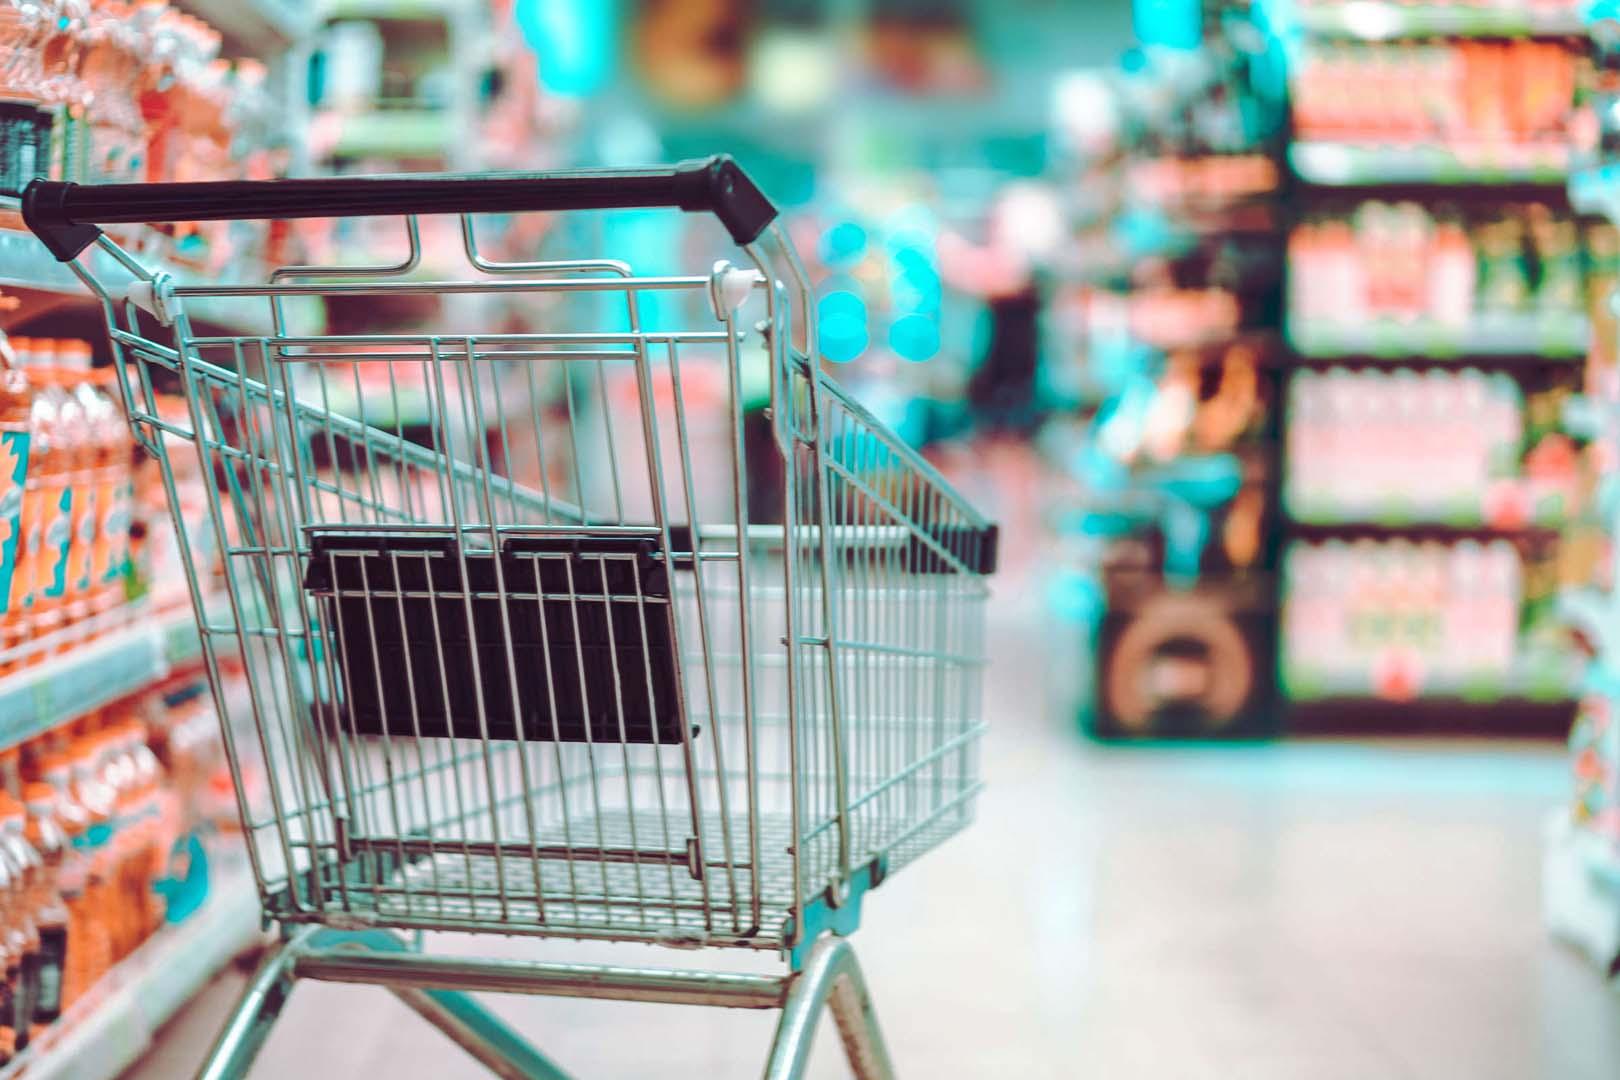 Kademeli normalleşme marketler hafta sonu açık mı, kapalı 2021? Marketler saat kaçta açılıyor, saat kaçta kapanıyor? Market çalışma saatleri 2021